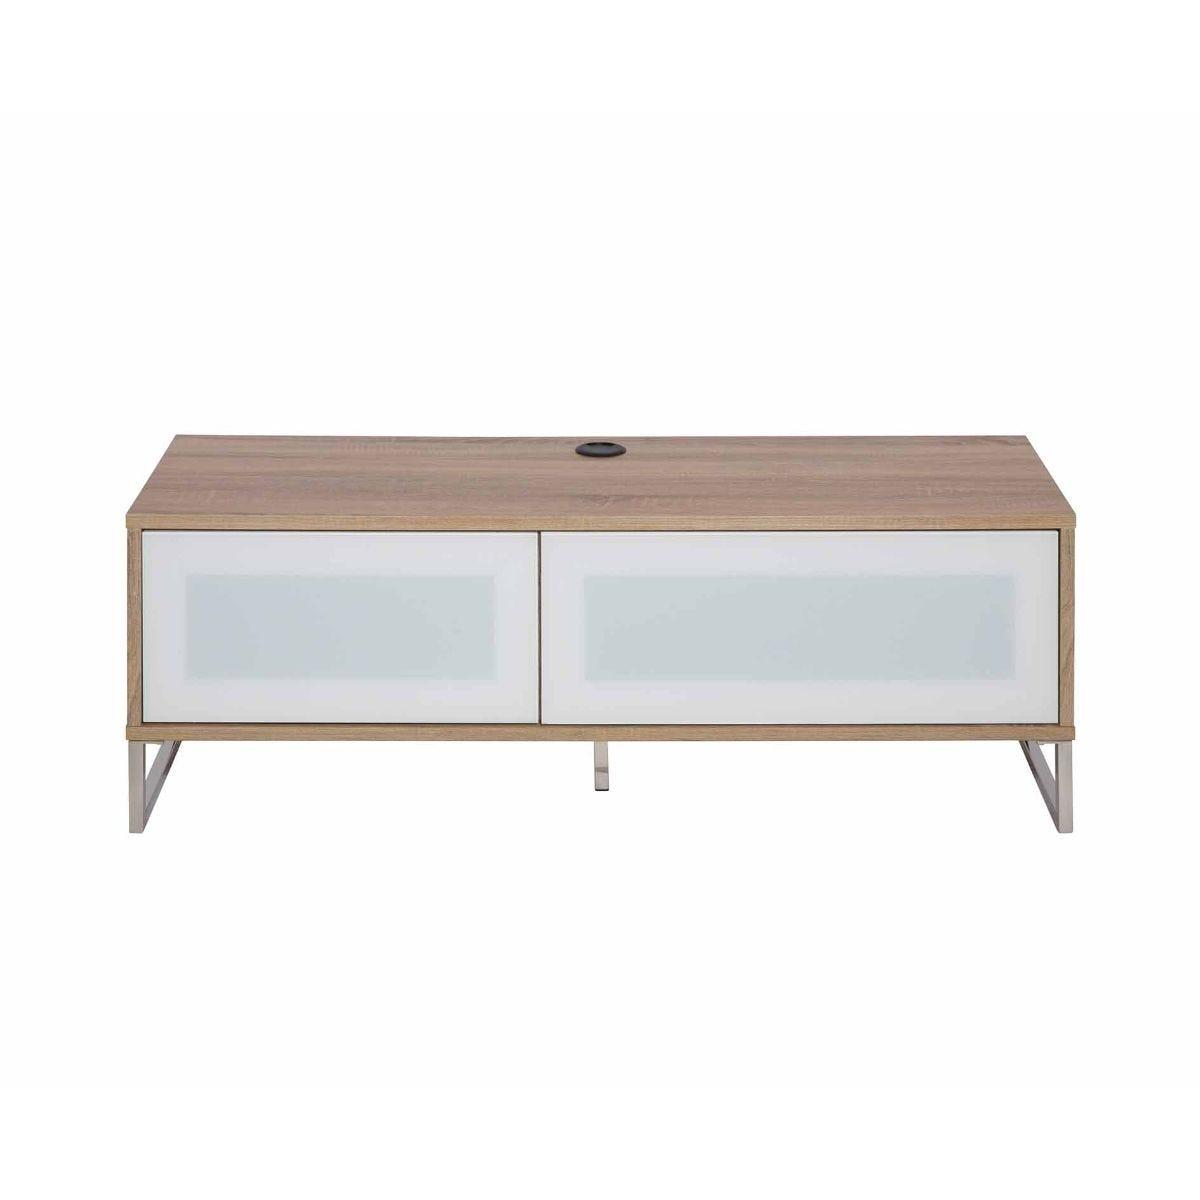 Alphason Helium Wall 1200 TV Cabinet Wood Effect, Oak/White